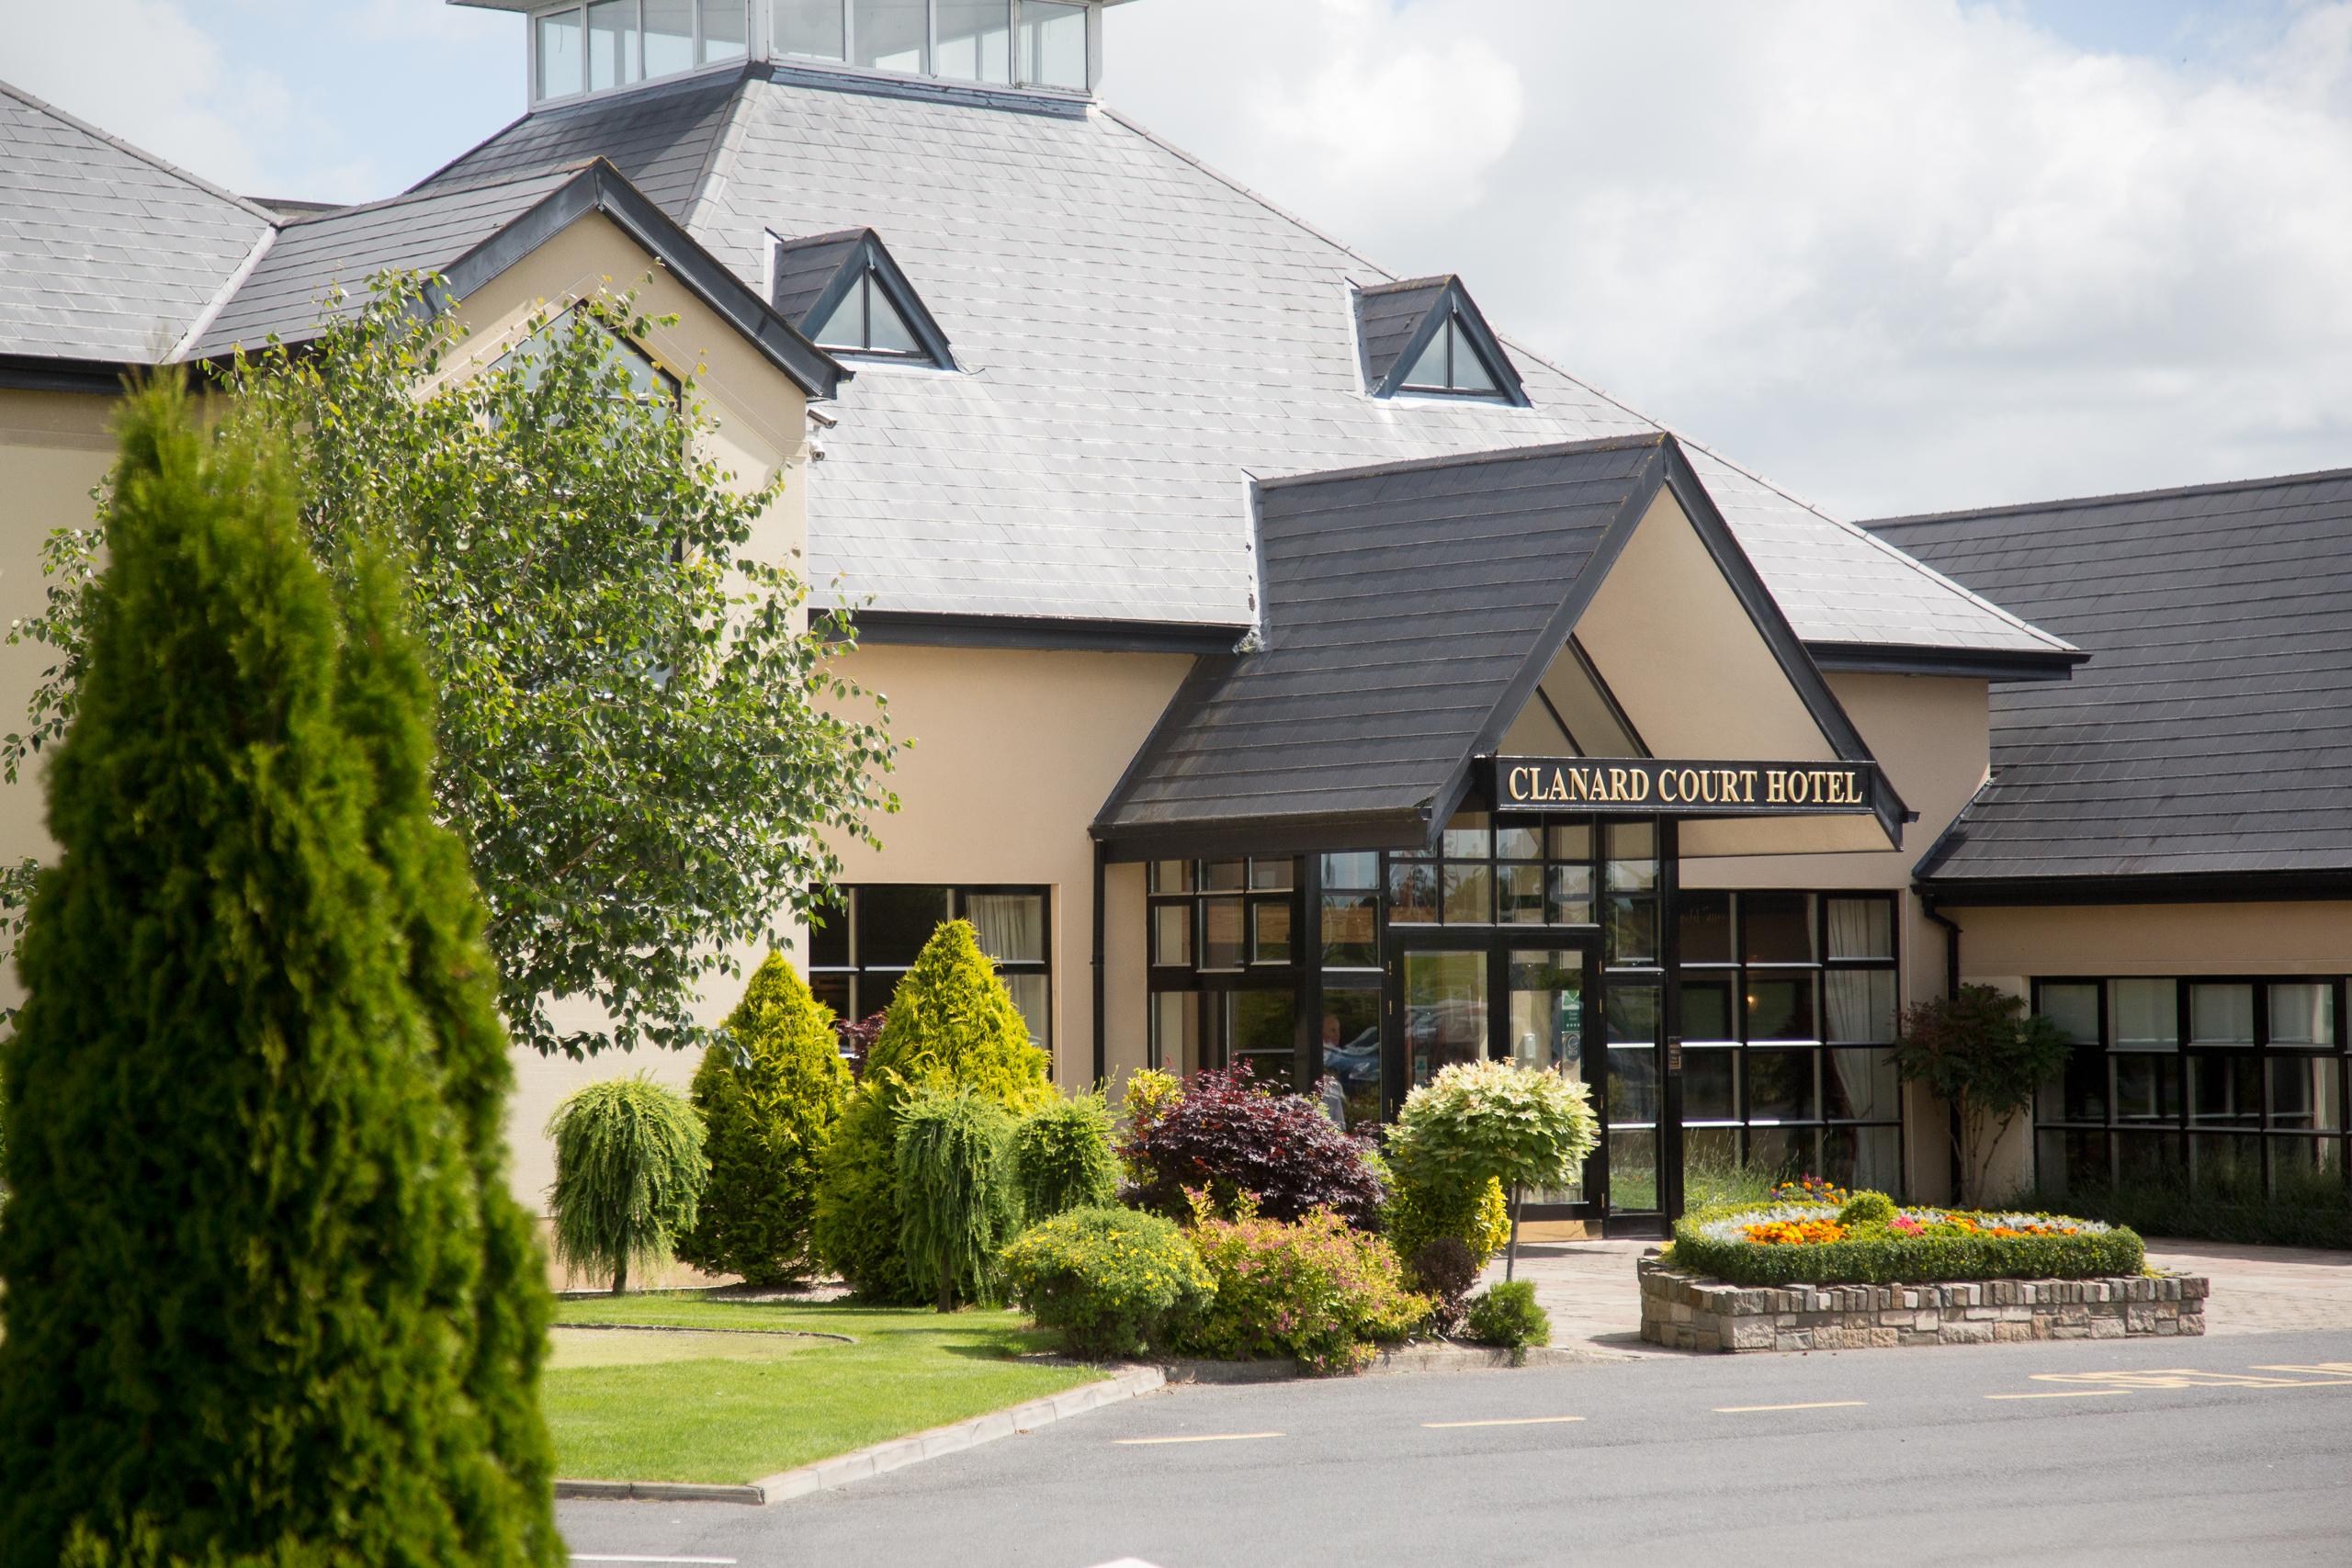 Clanard Court Hotel Kildare 1